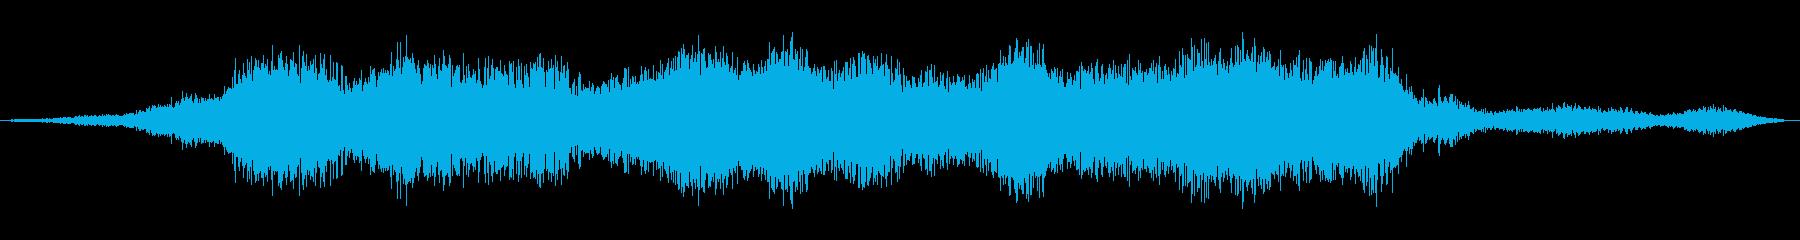 大臣フーシュ2の再生済みの波形